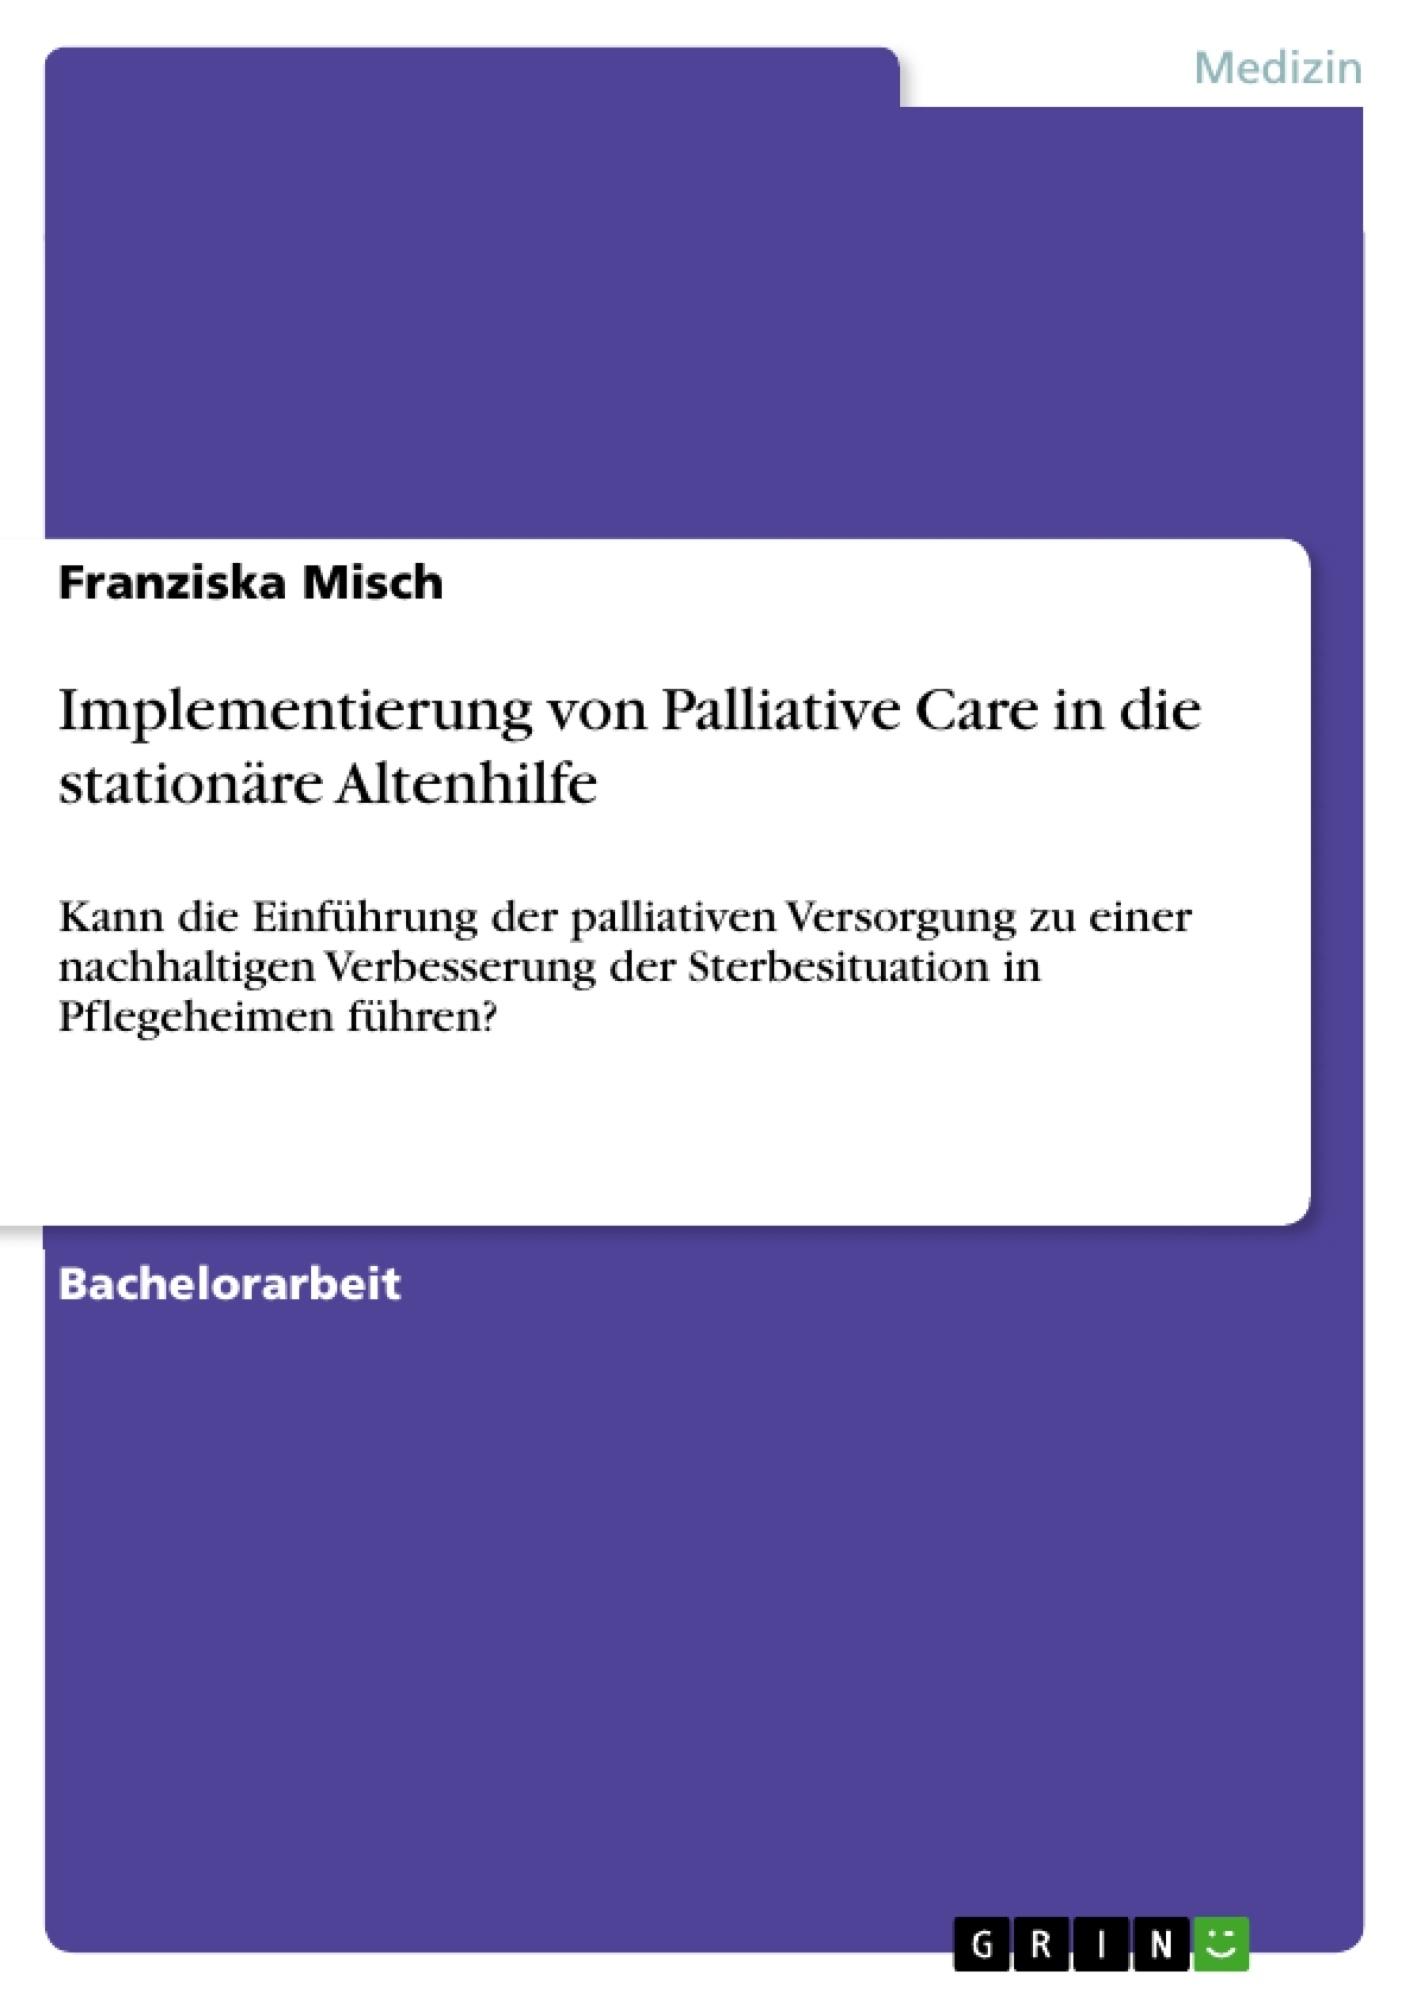 Titel: Implementierung von Palliative Care in die stationäre Altenhilfe